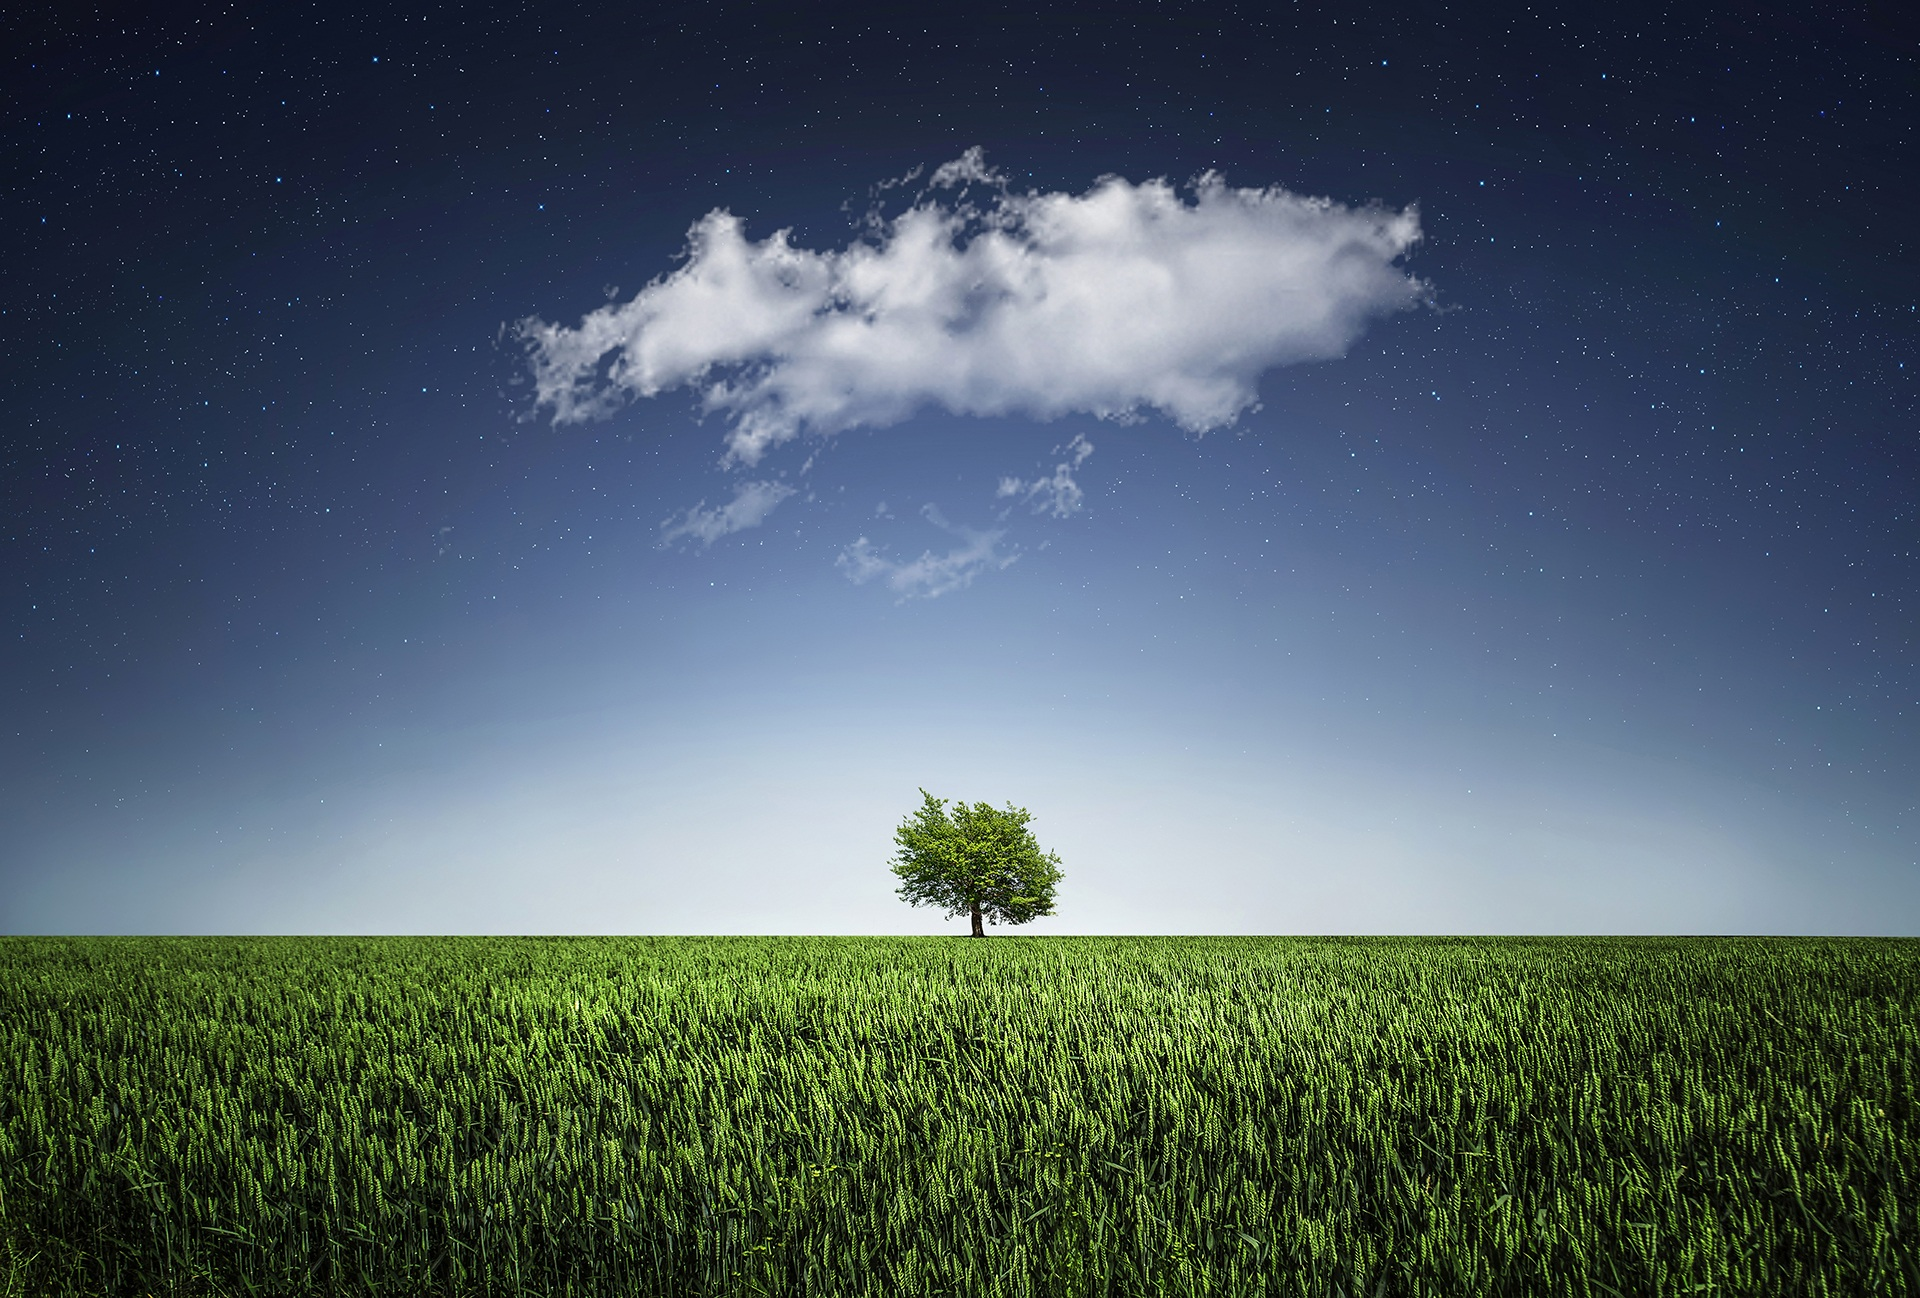 树, 平原, 云计算, 天空, 索莱达 - 高清壁纸 - 教授-falken.com